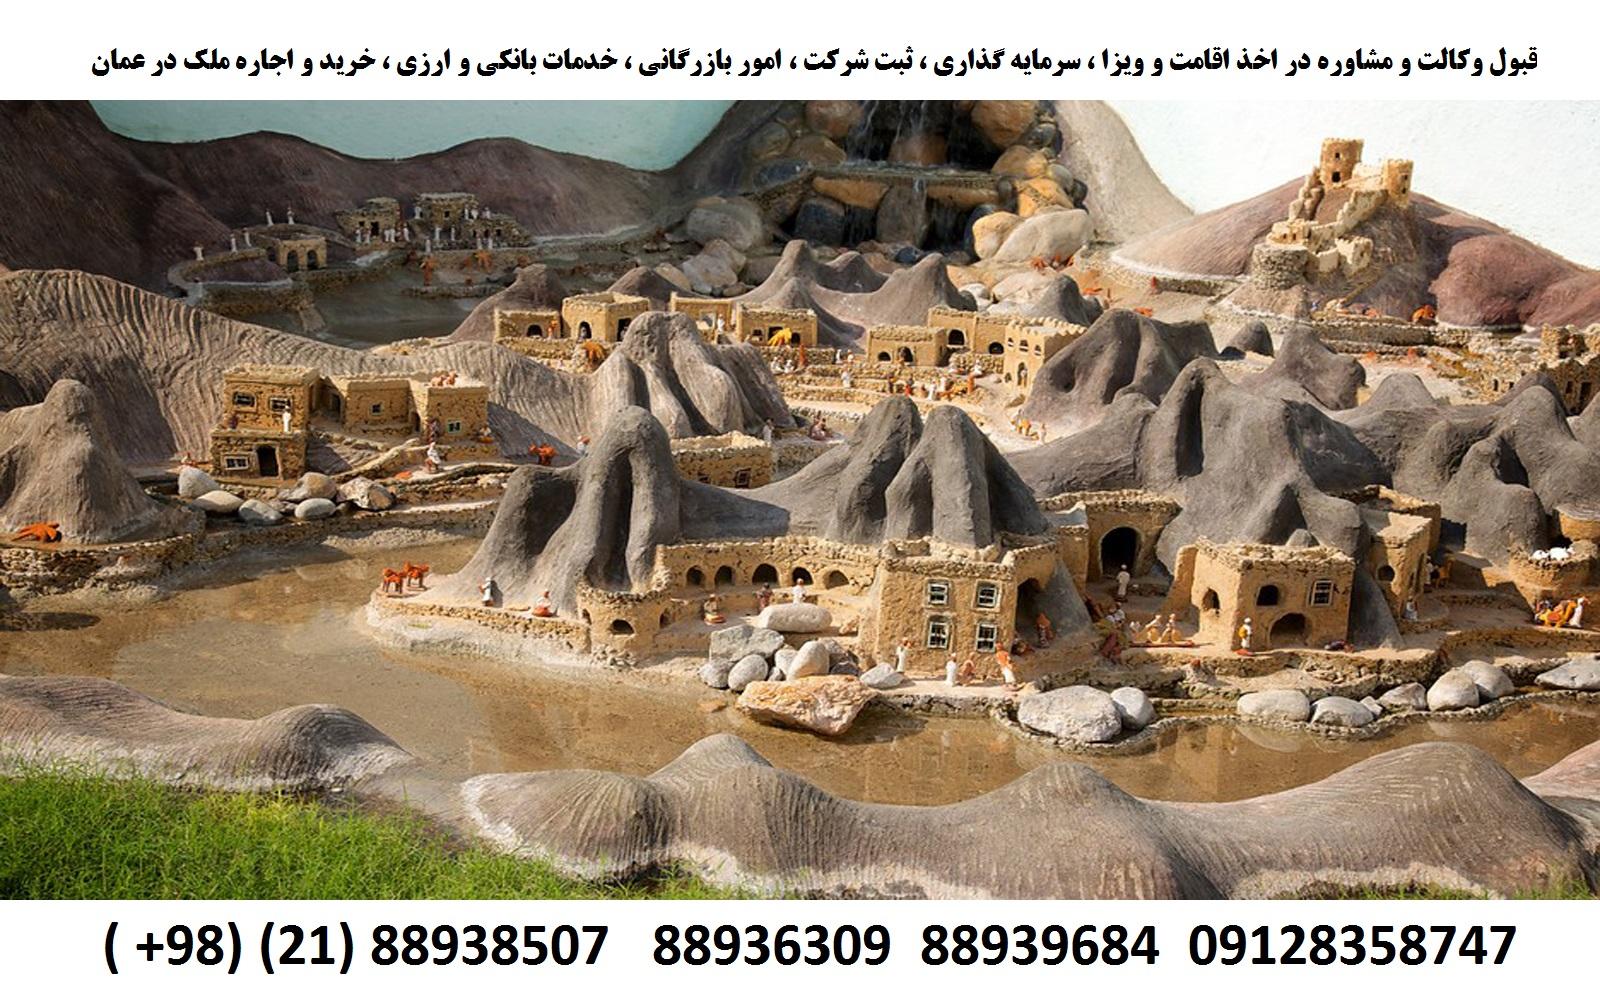 اقامت ، ثبت شرکت ، سرمایه گذاری ، ویزای کشور عمان (4)